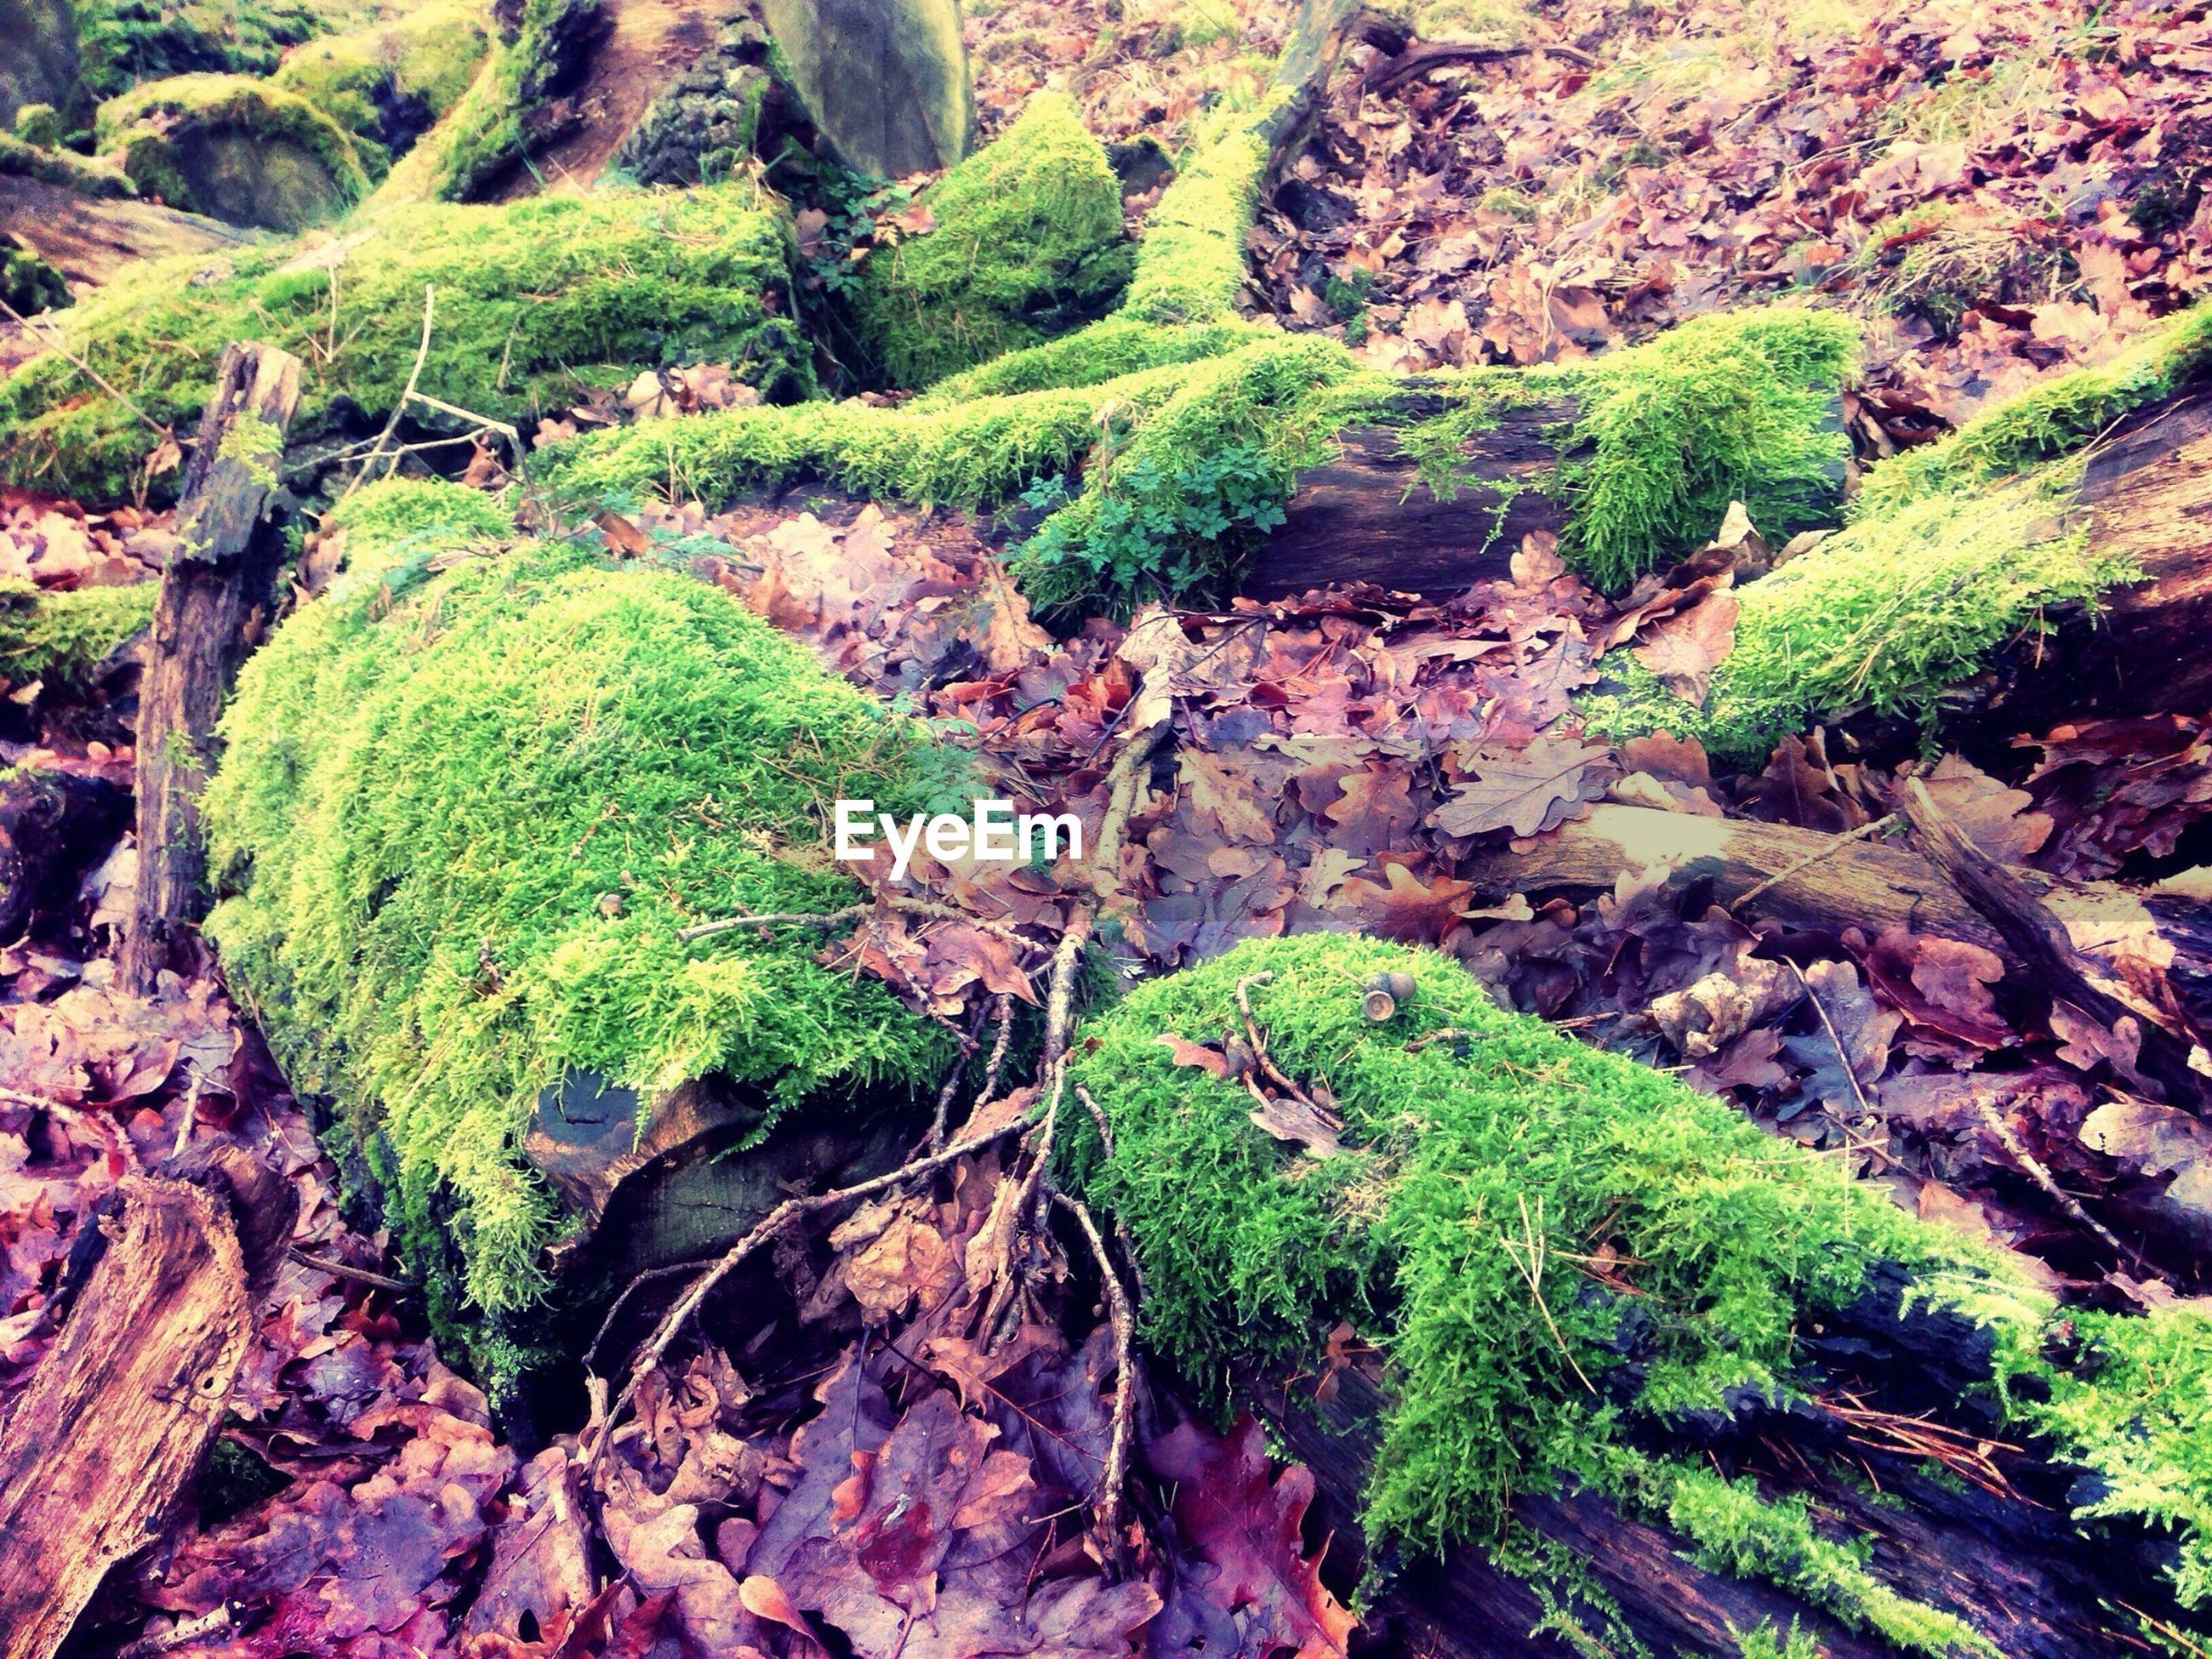 Moss on old fallen tree